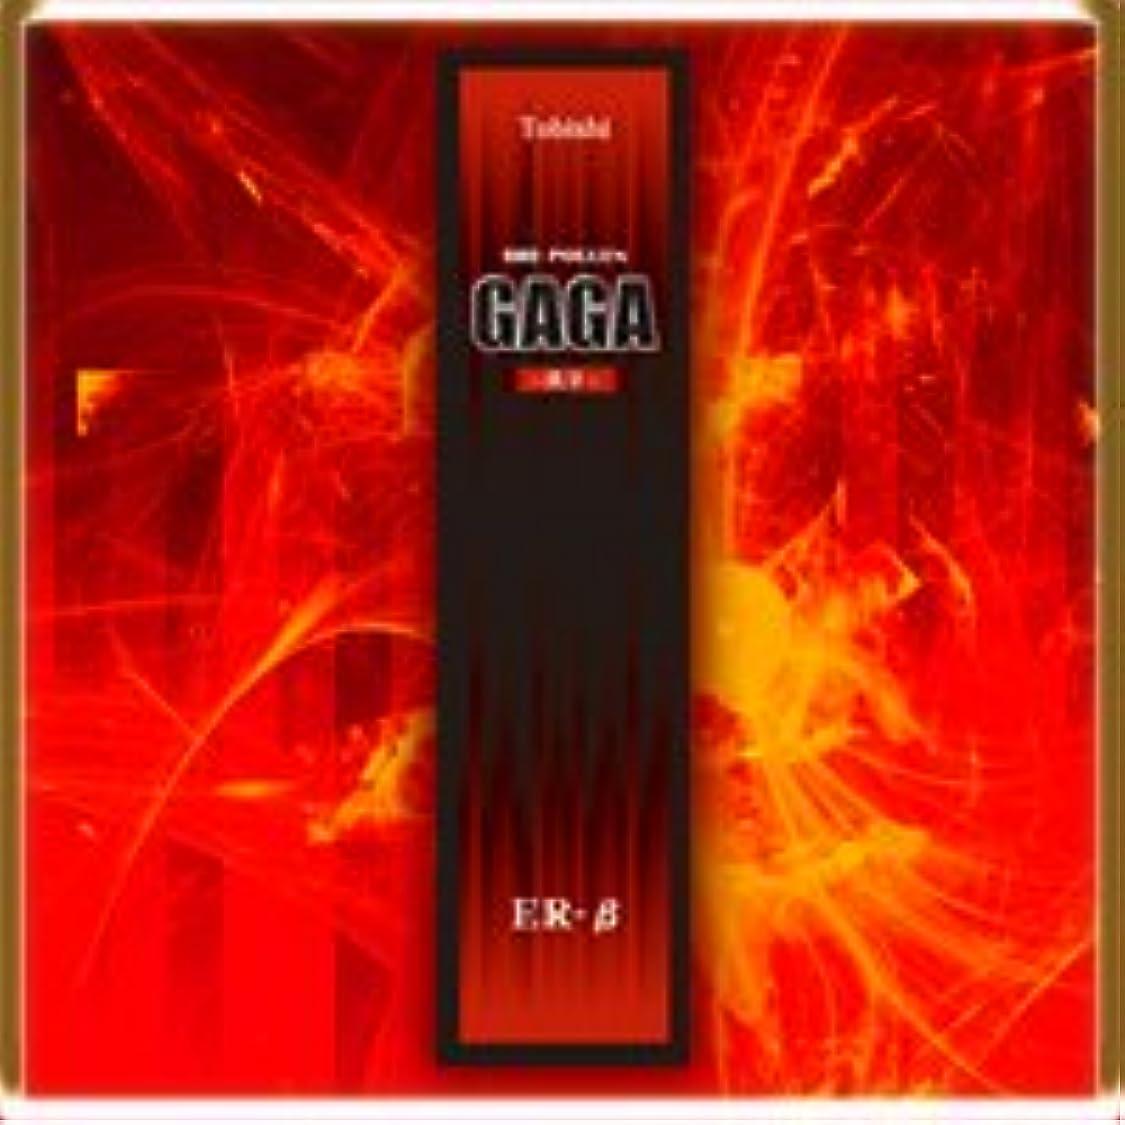 活力ビームミニバイオポーレン我牙(GAGA)100ml2個セット【超感動的美髪成分を施した育毛剤!】